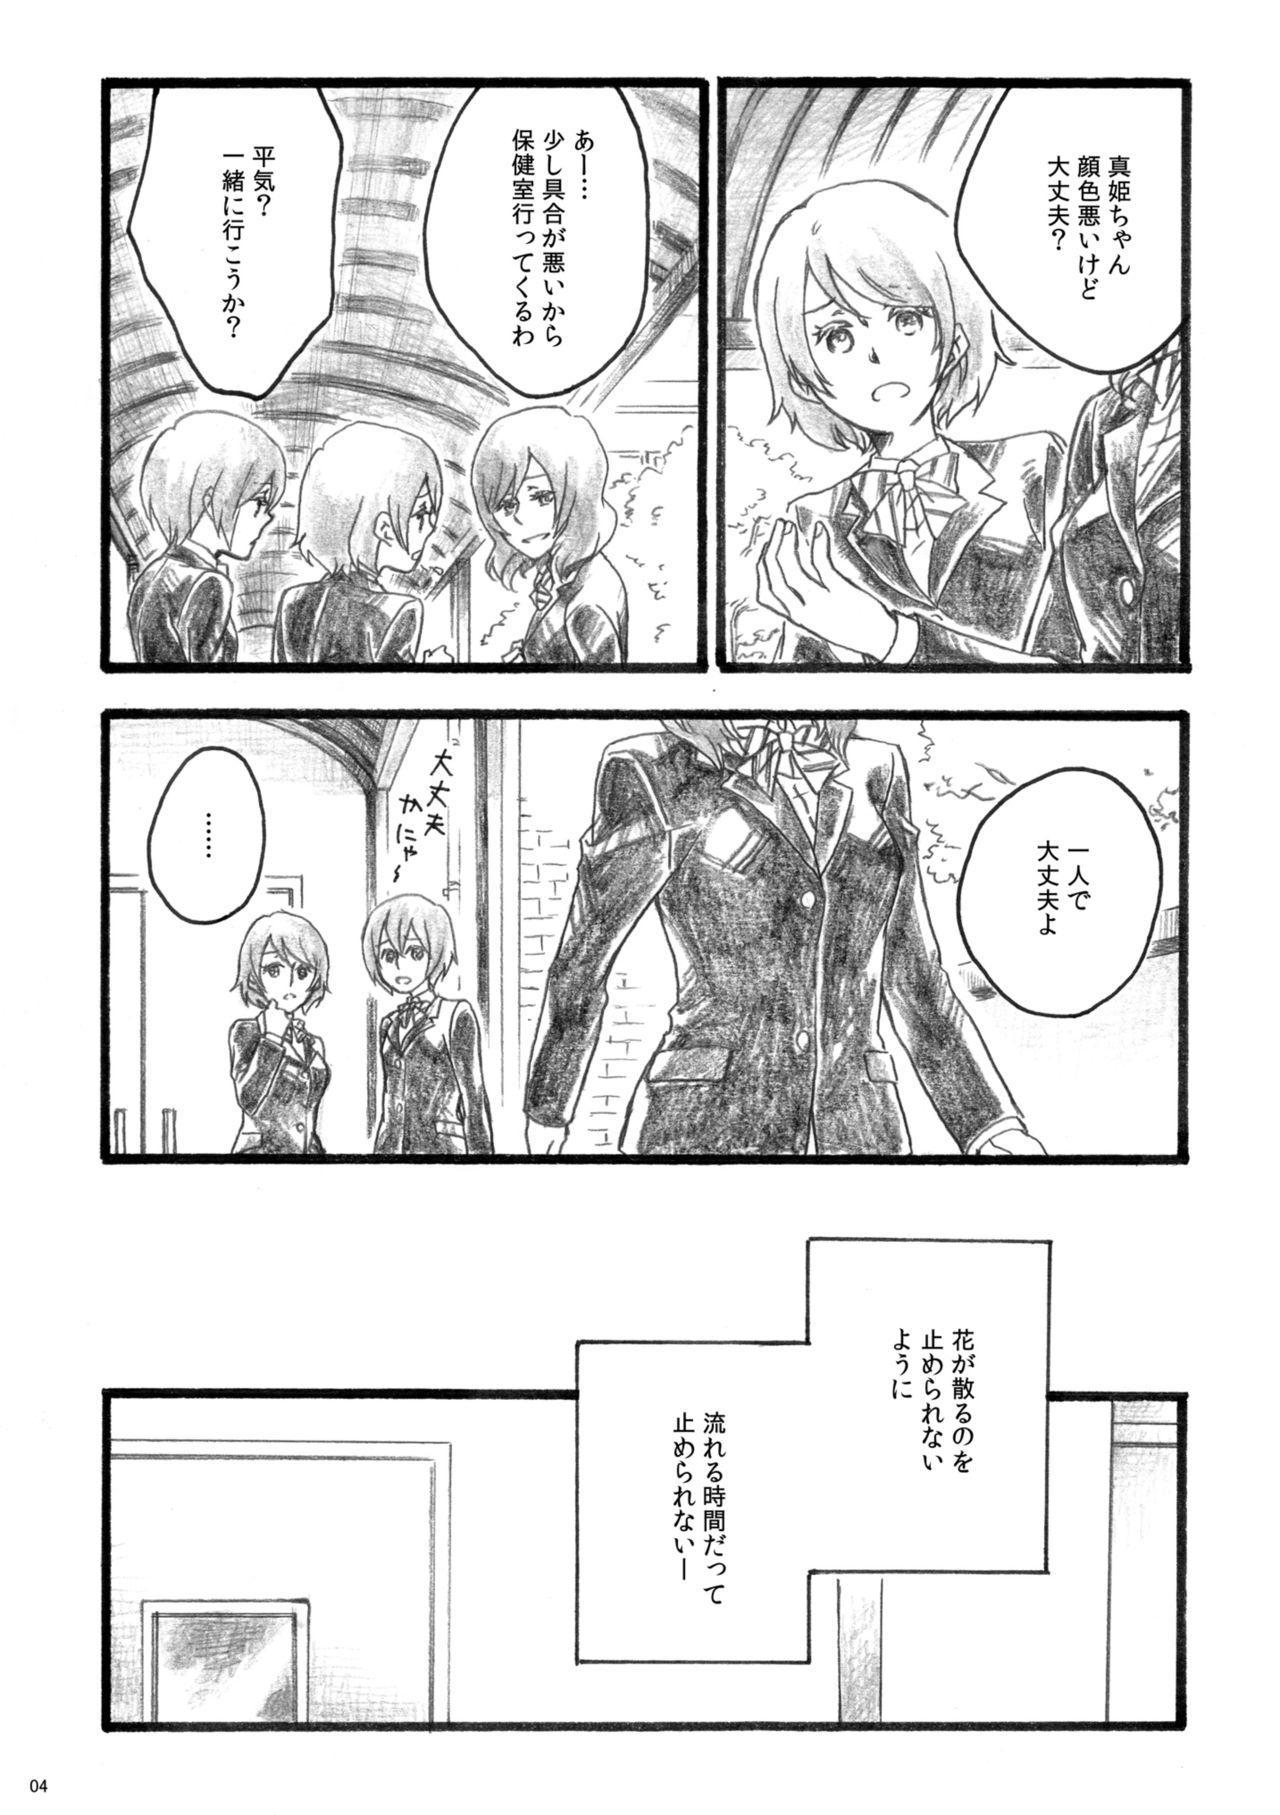 Sakura no ato 3